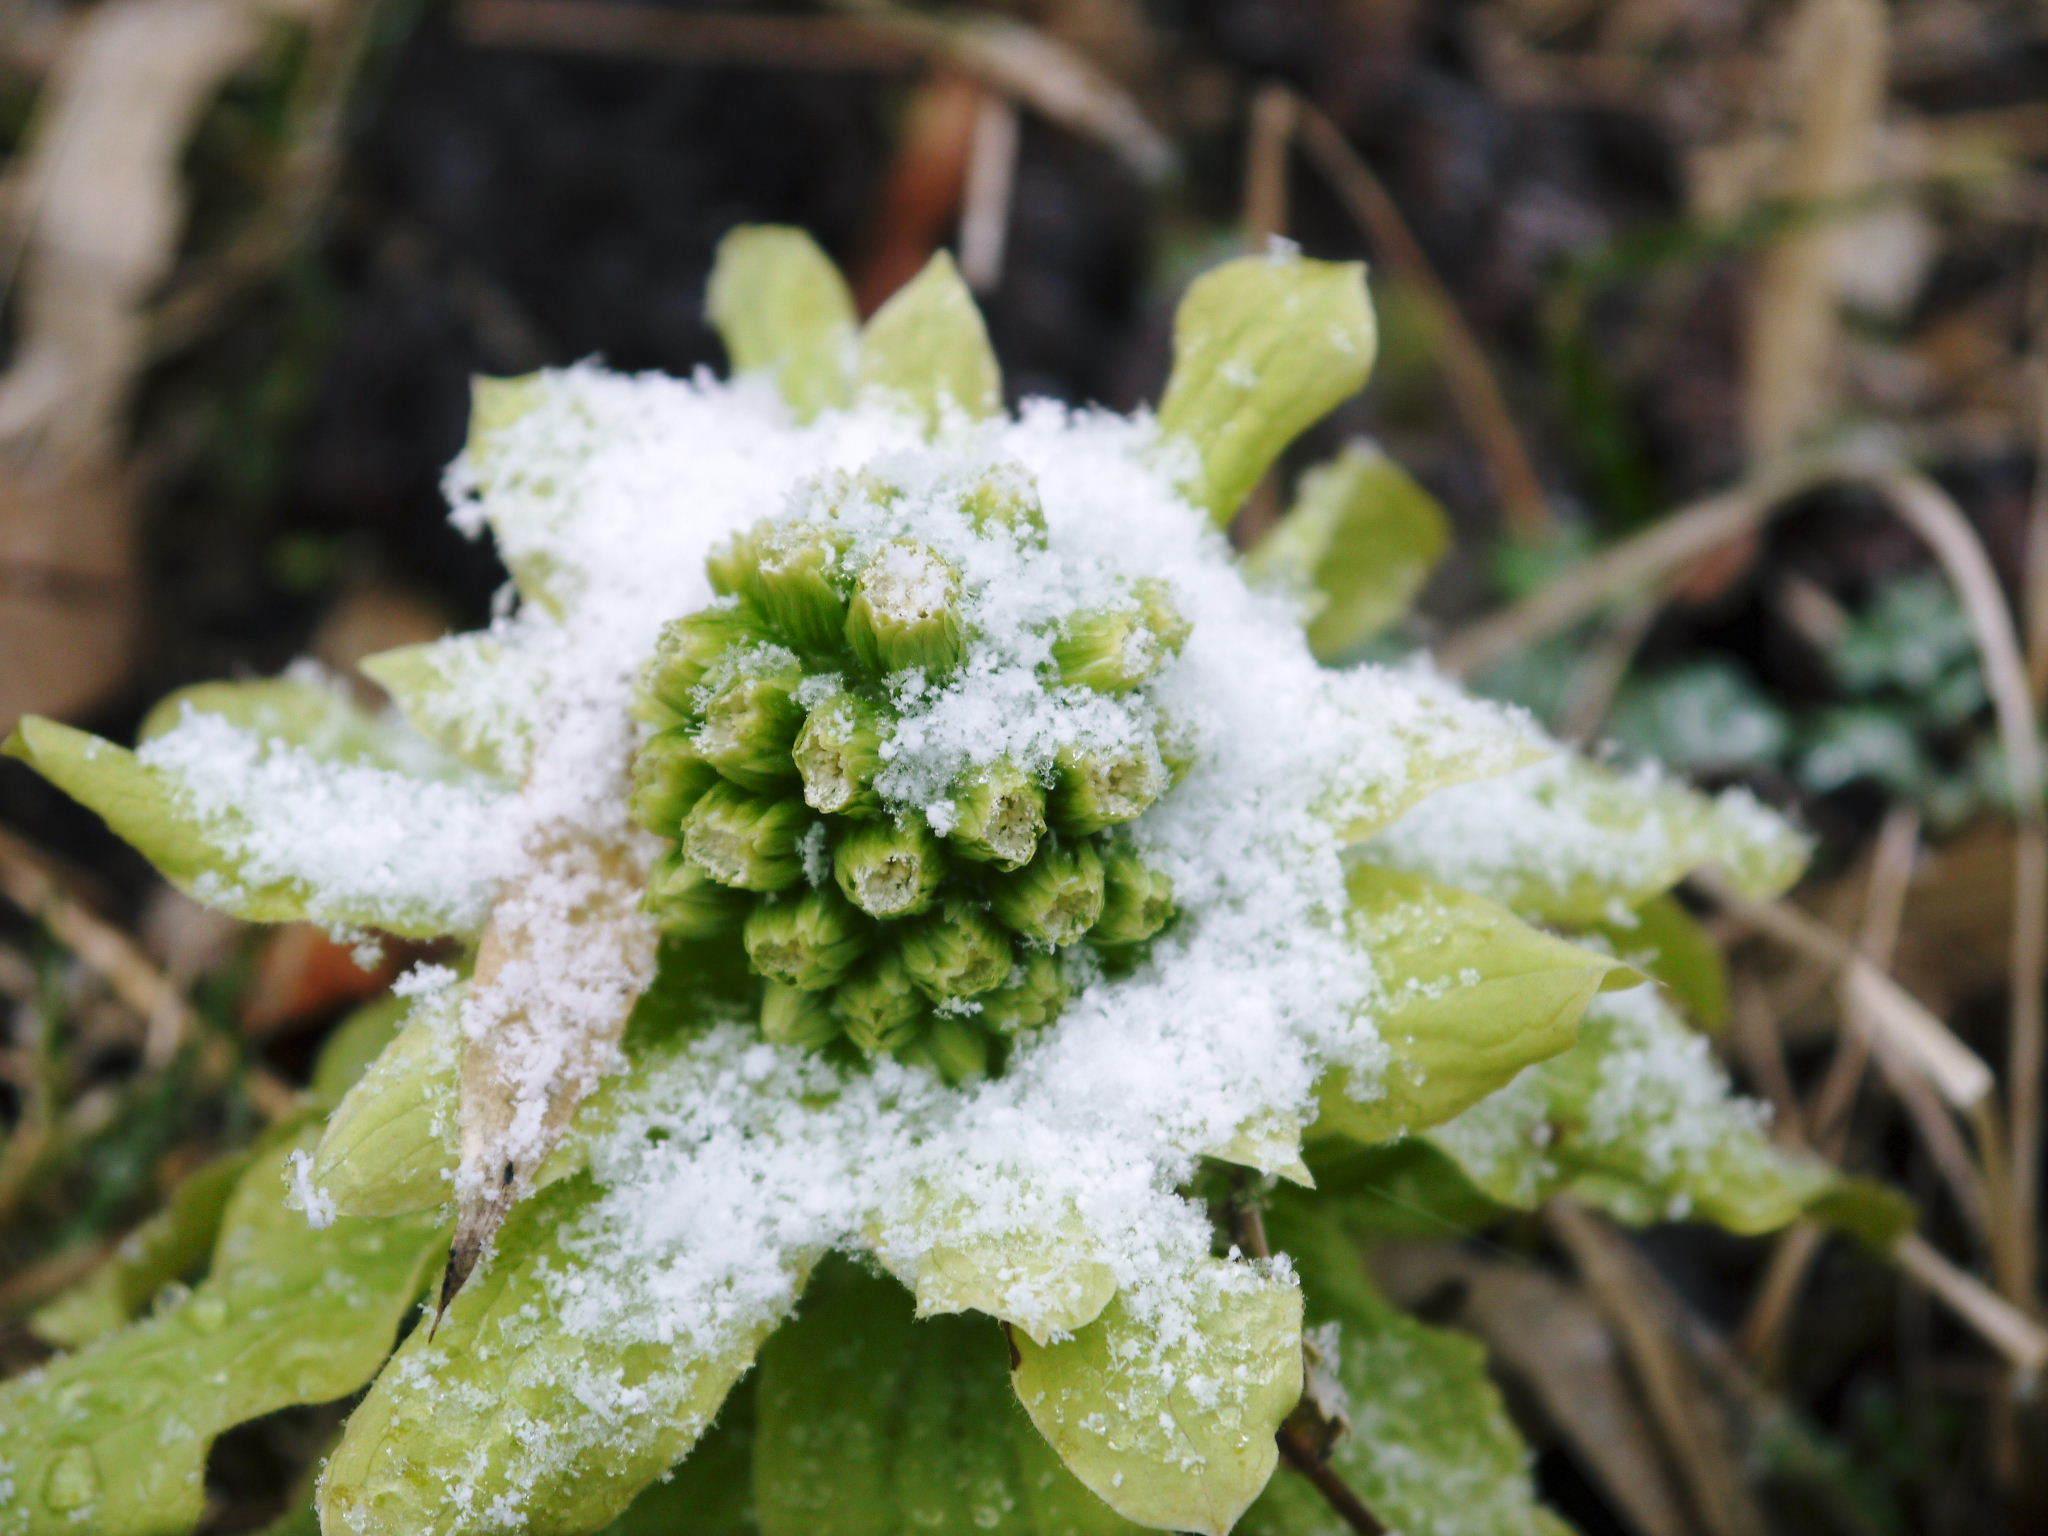 株式会社旬援隊の冬の様子 この冬、初の積雪(?)です!春の訪れが早いはずが…、果樹たちが心配です!_a0254656_16454243.jpg